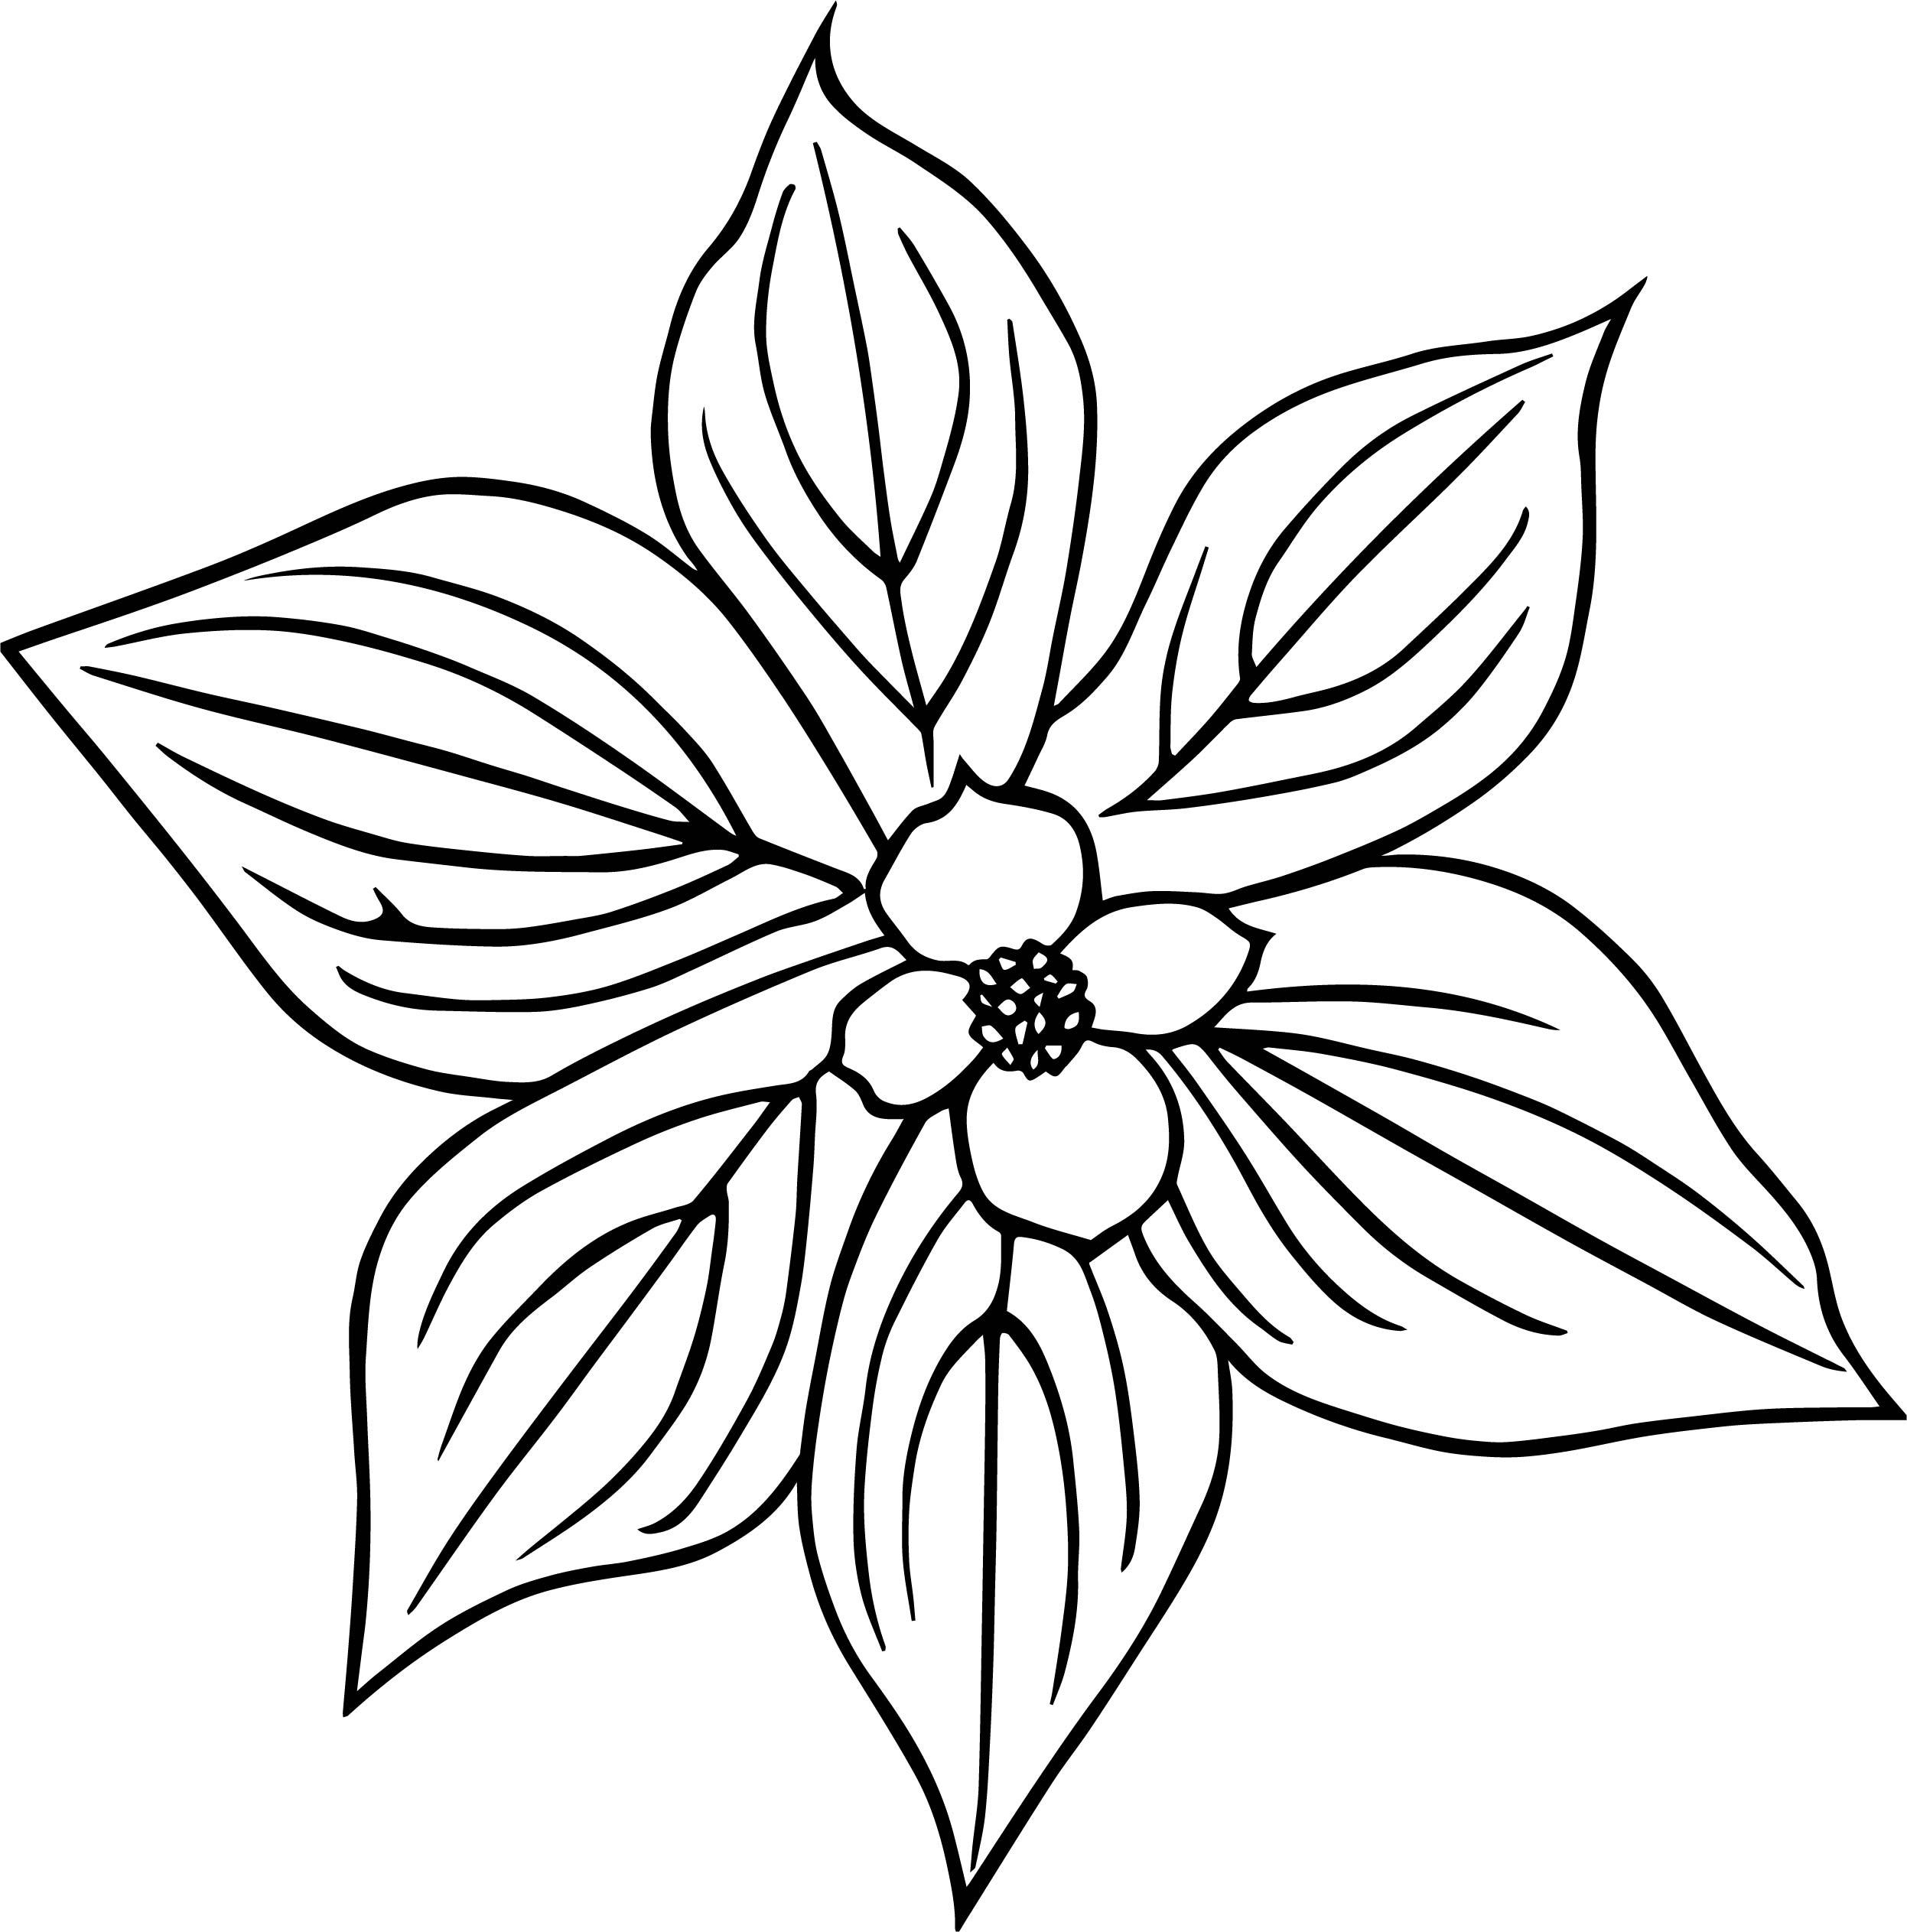 Cornus Canadensis Flower Coloring Page